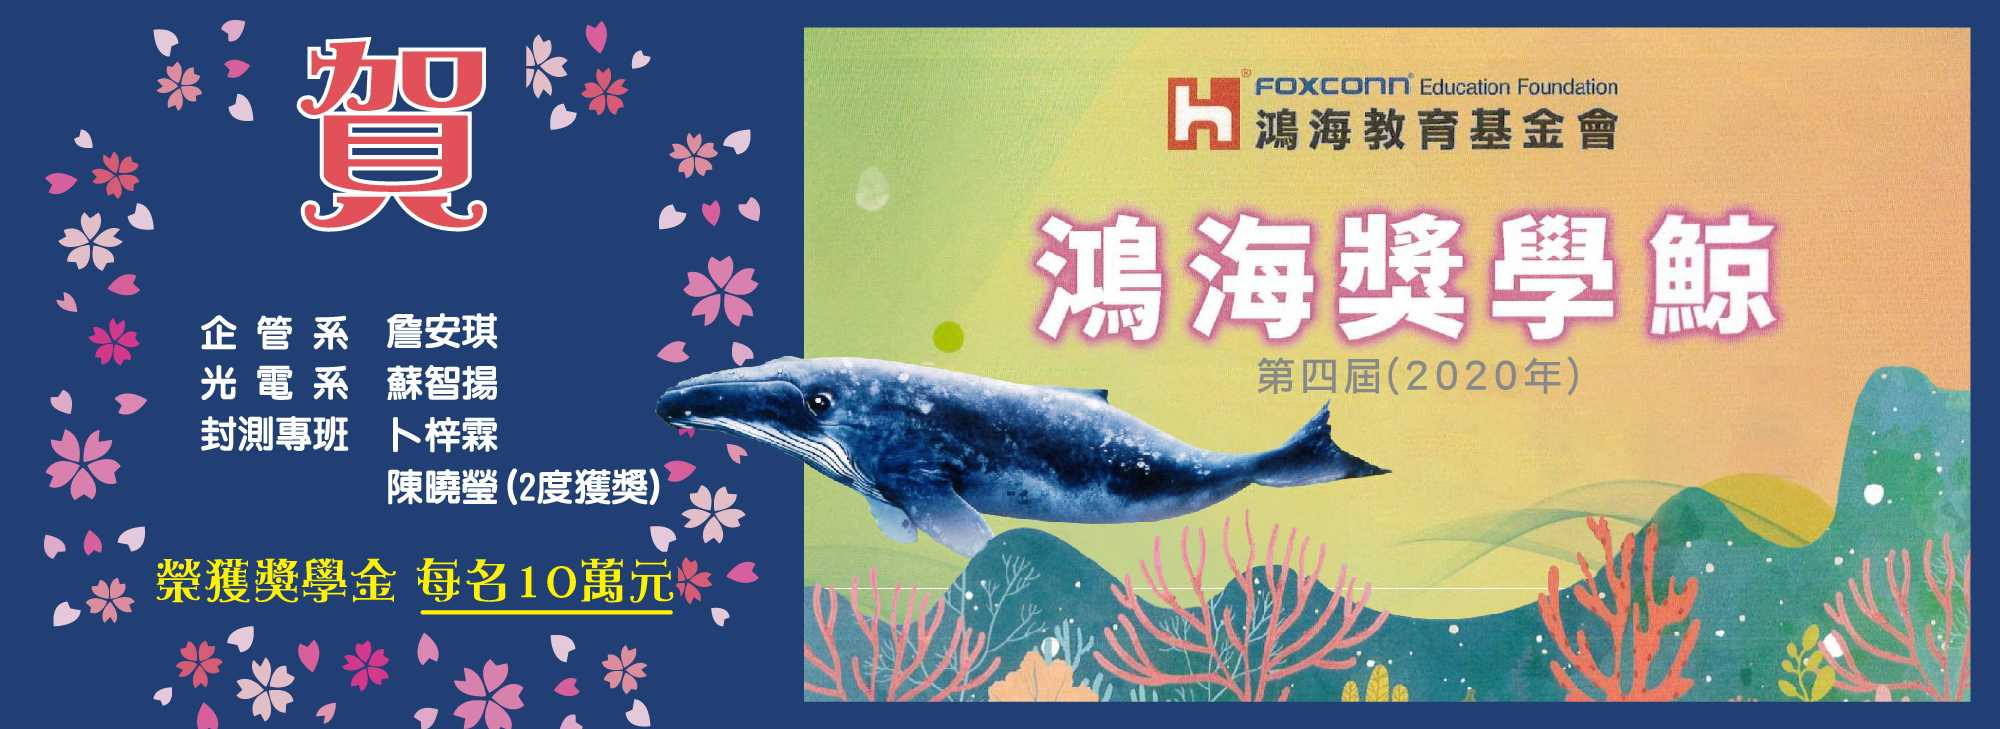 20201231 校首頁 獲第四屆鴻海獎學鯨